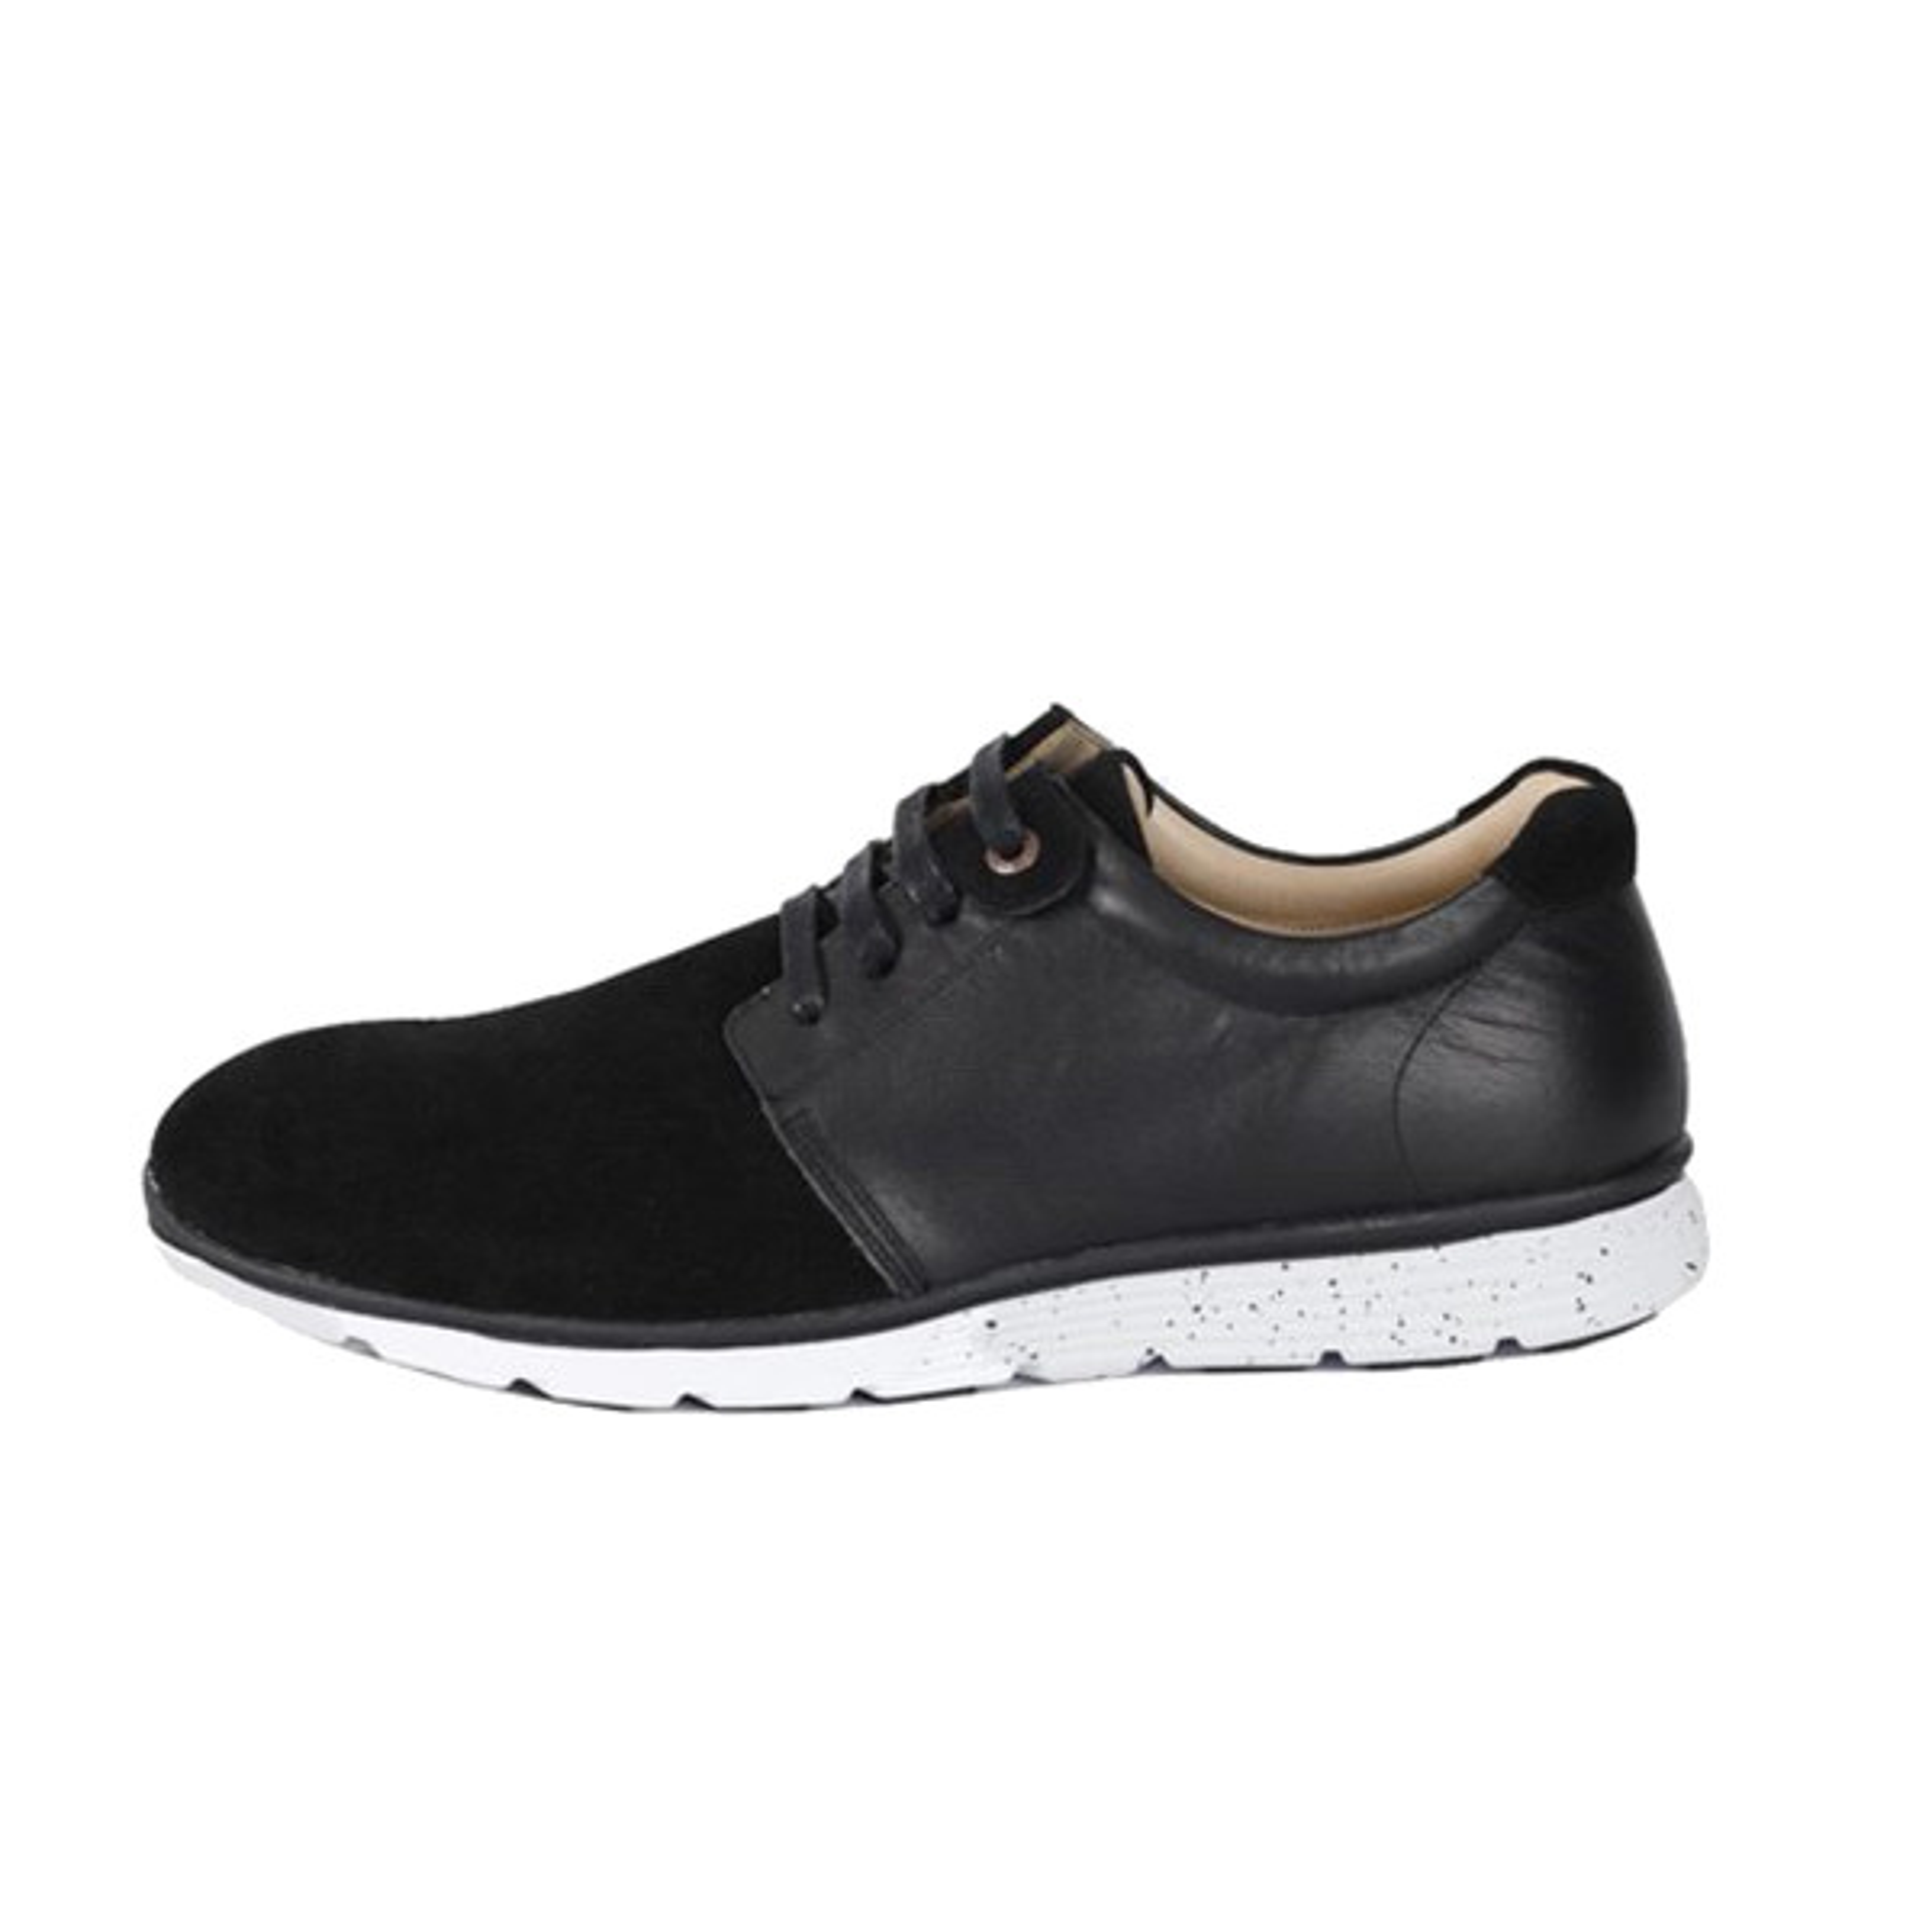 کفش روزمره مردانه برتونیکس مدل 855-B-27